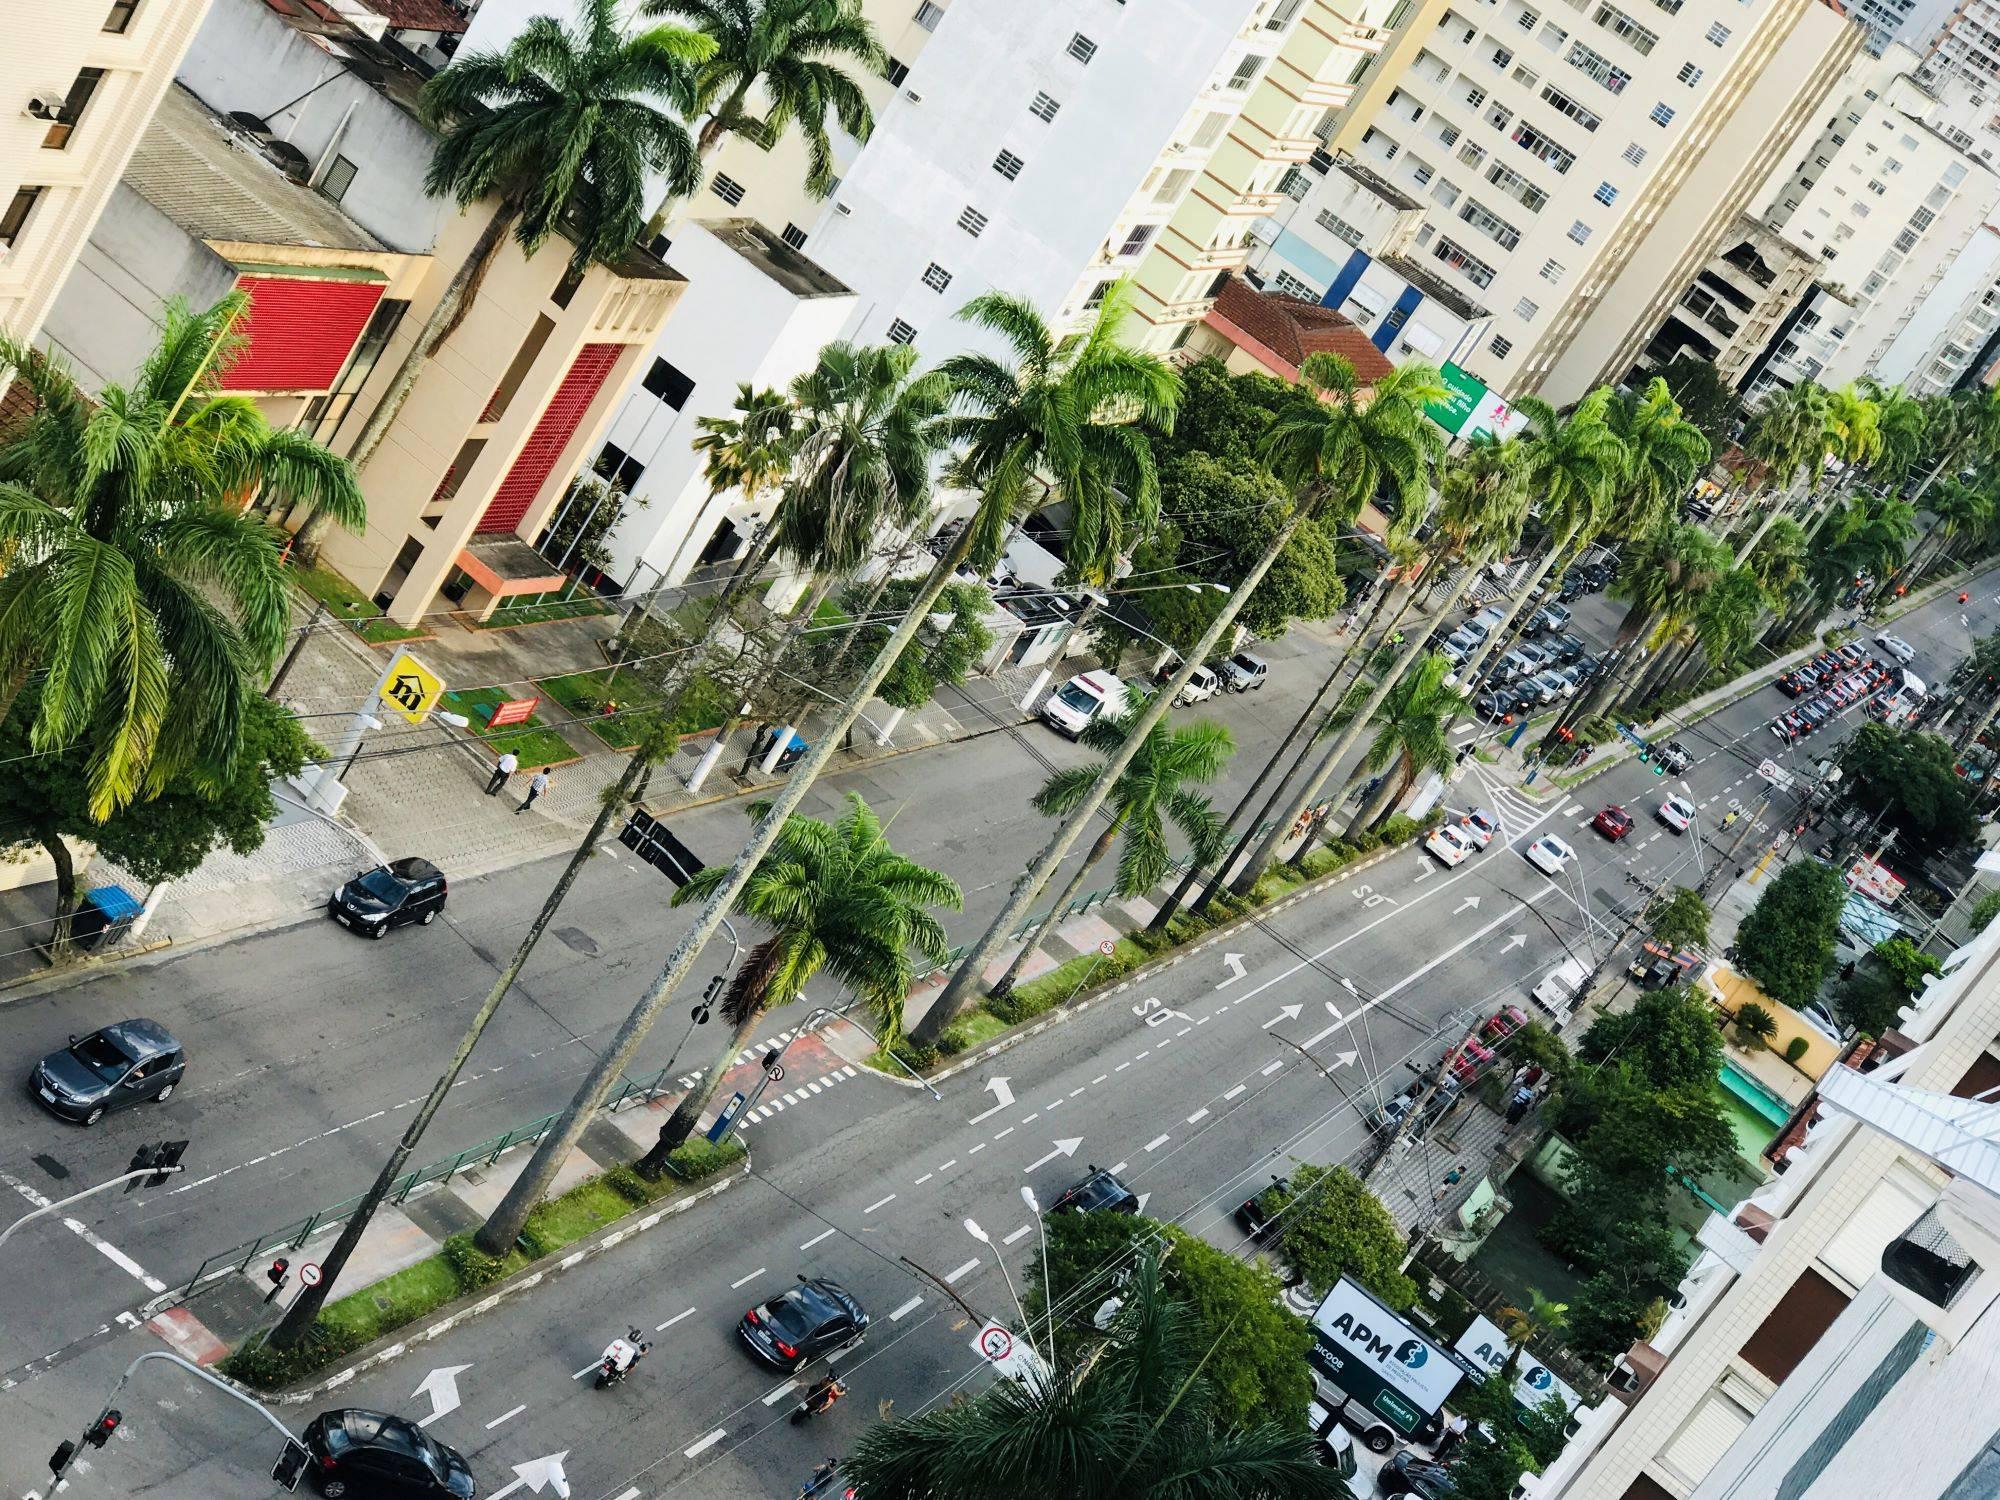 www.juicysantos.com.br - onde ficar em santos no bairro do gonzaga av. ana costa